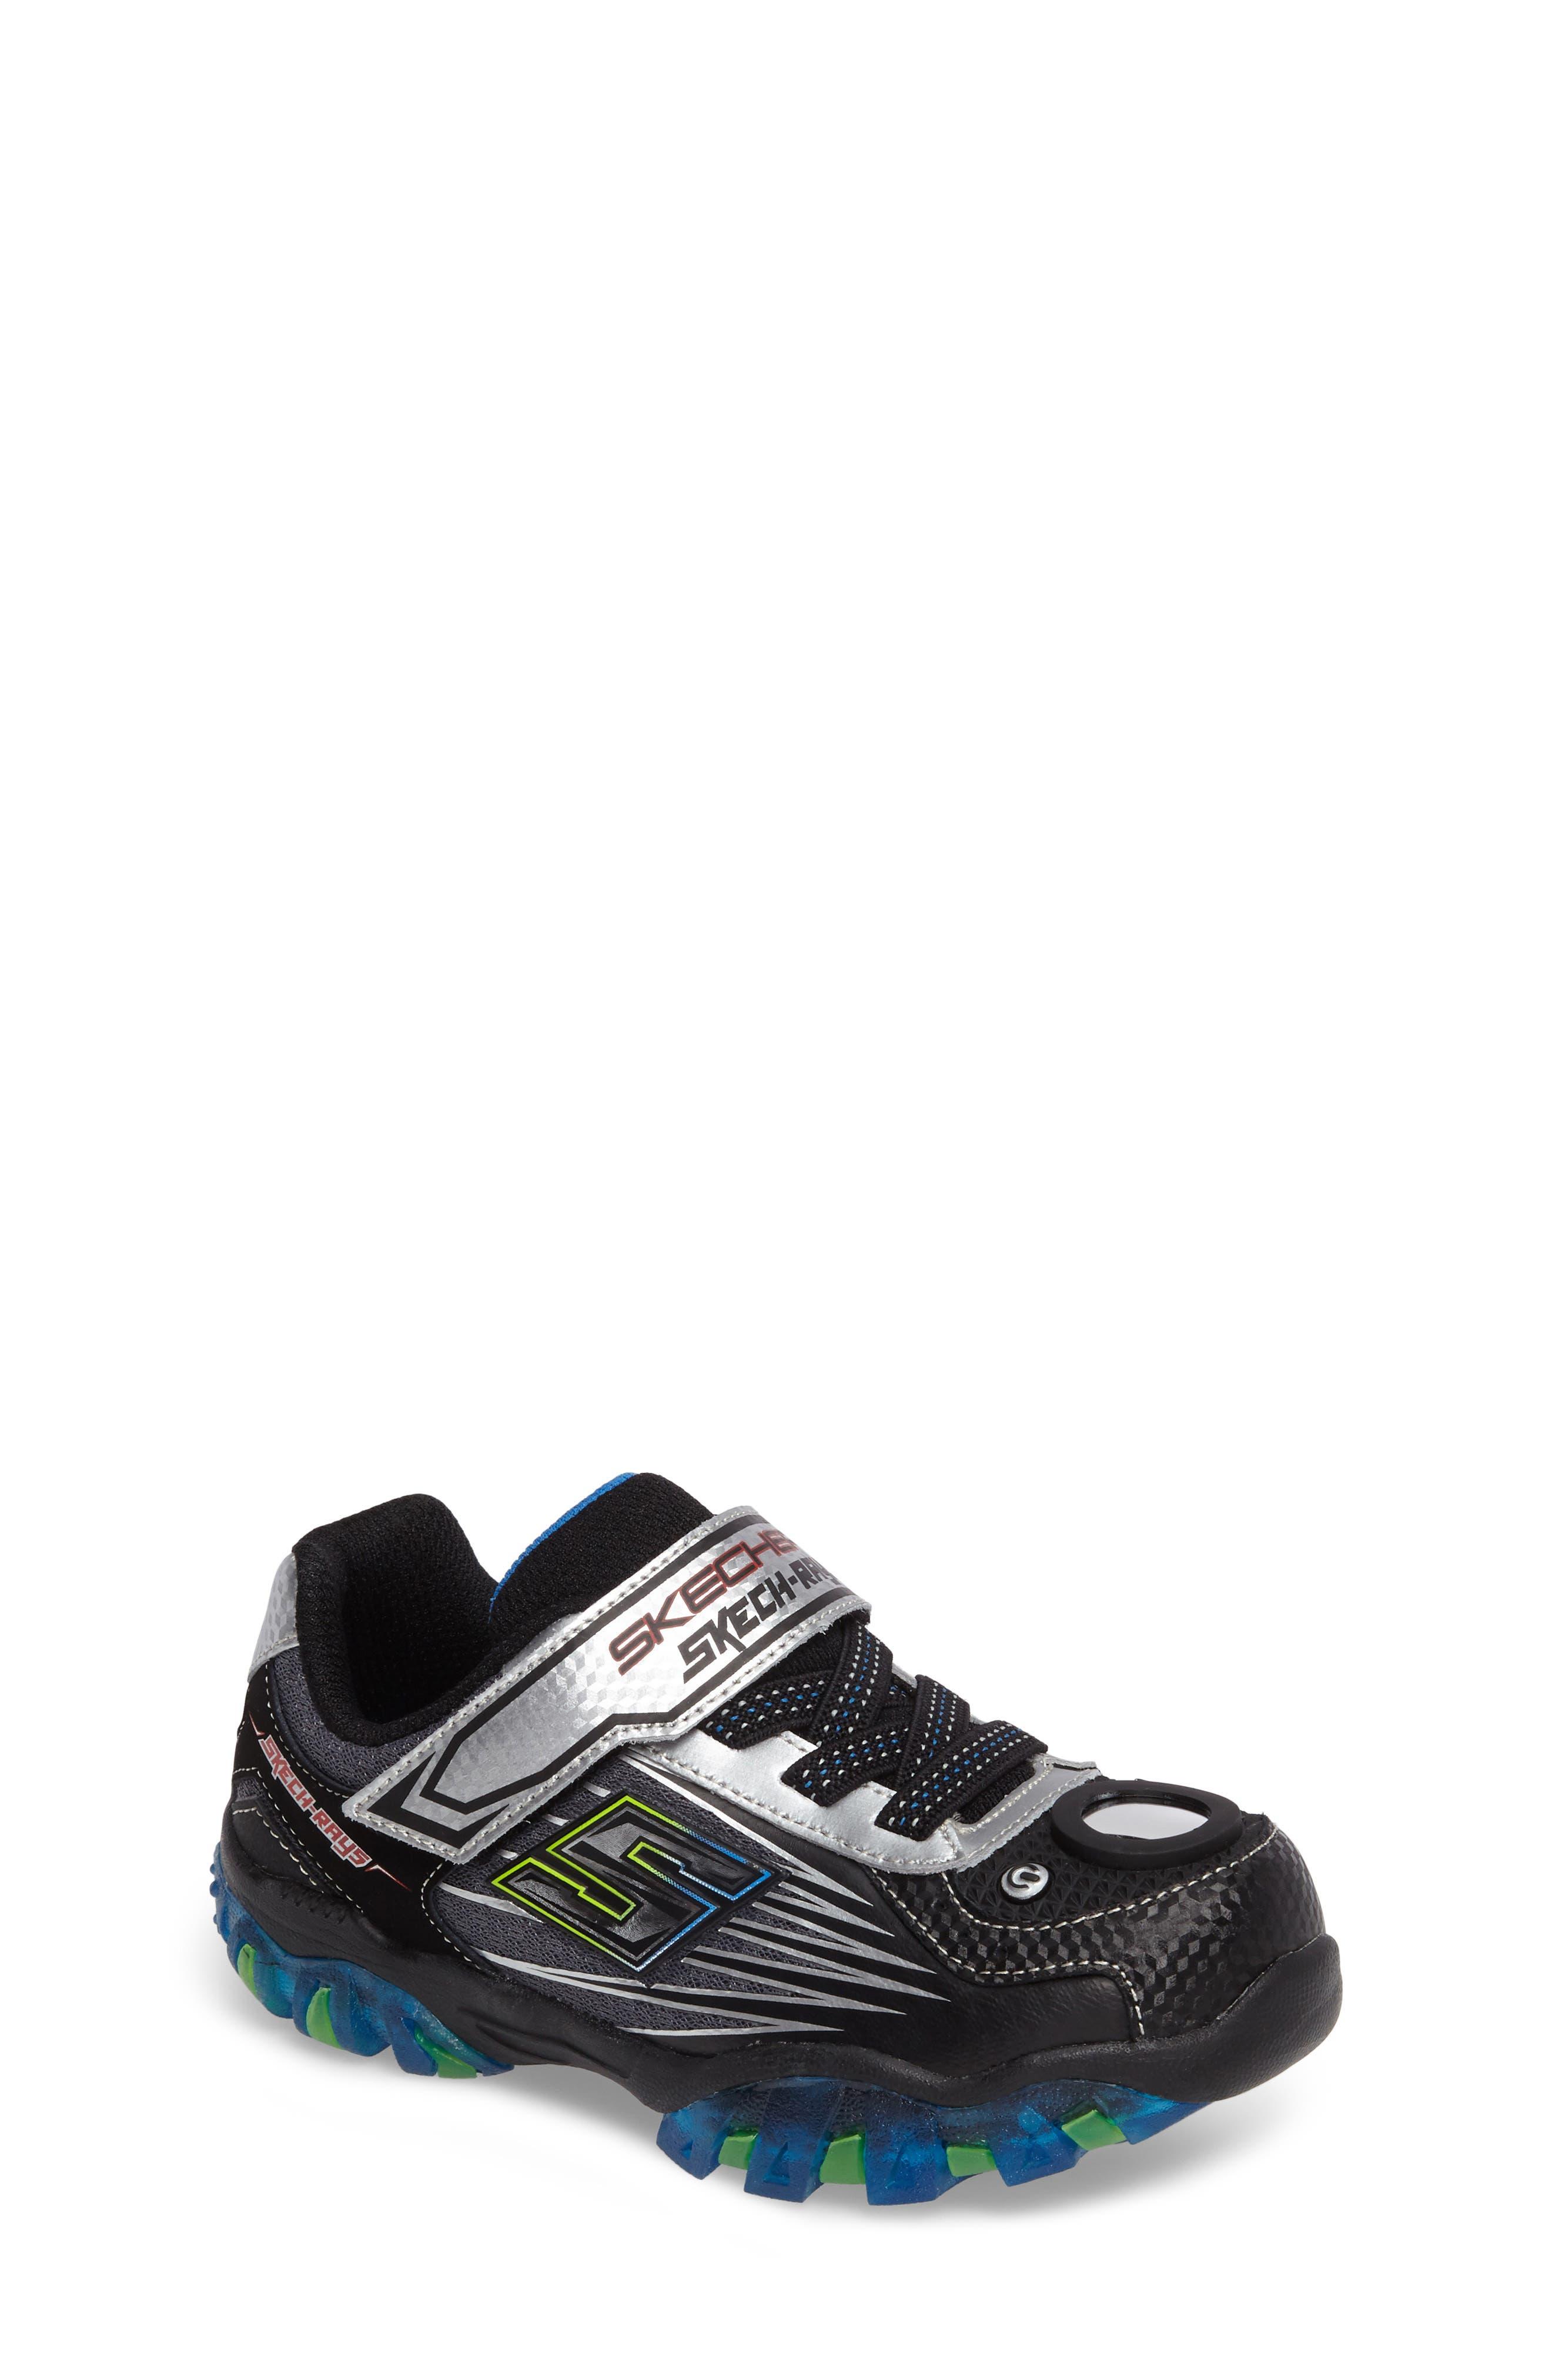 SKECHERS Skech-Rays Street Lightz 2.0 Light-Up Sneaker